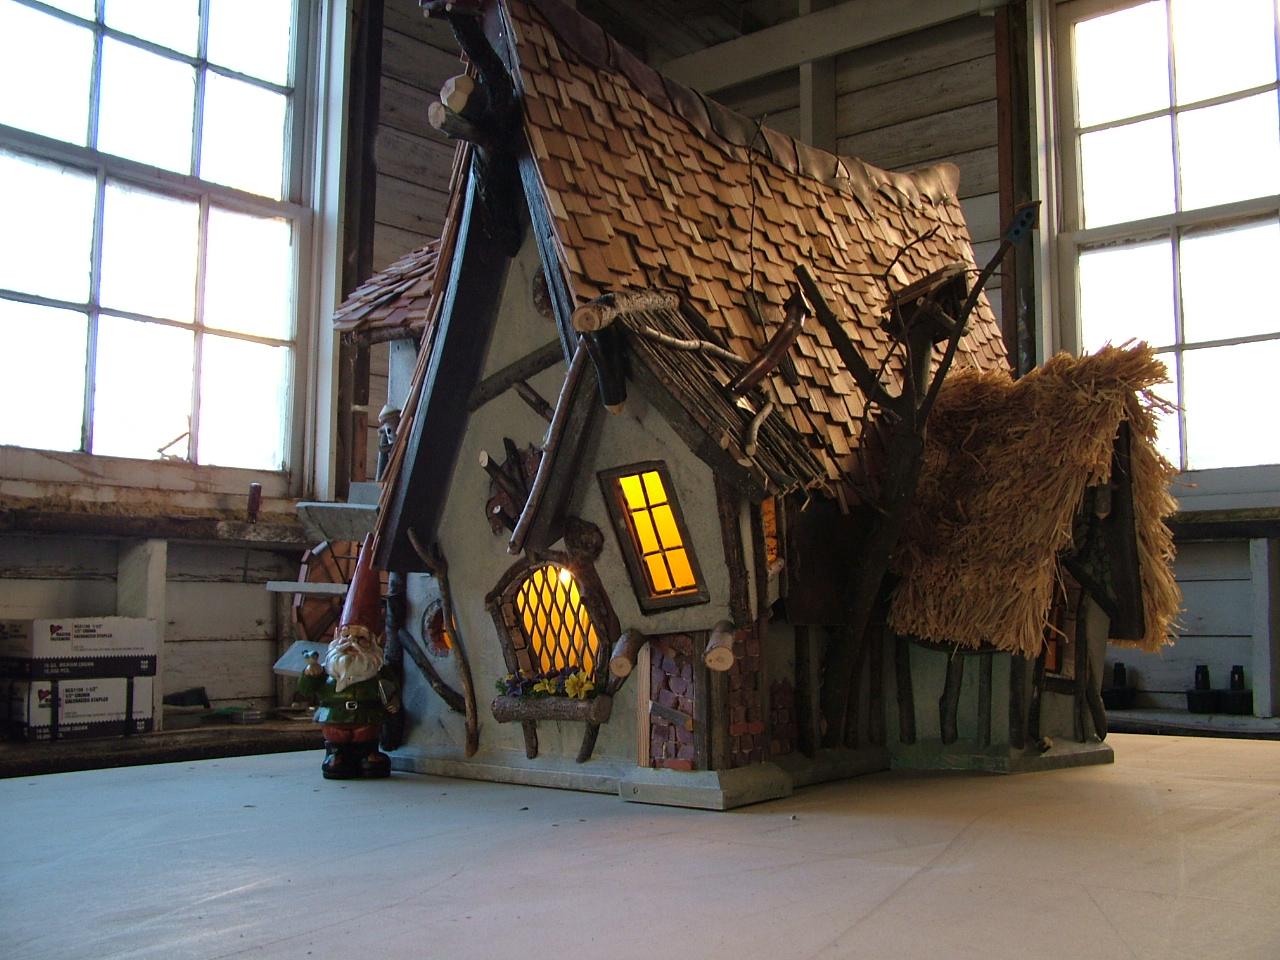 Gnome Crookedbirdhouse